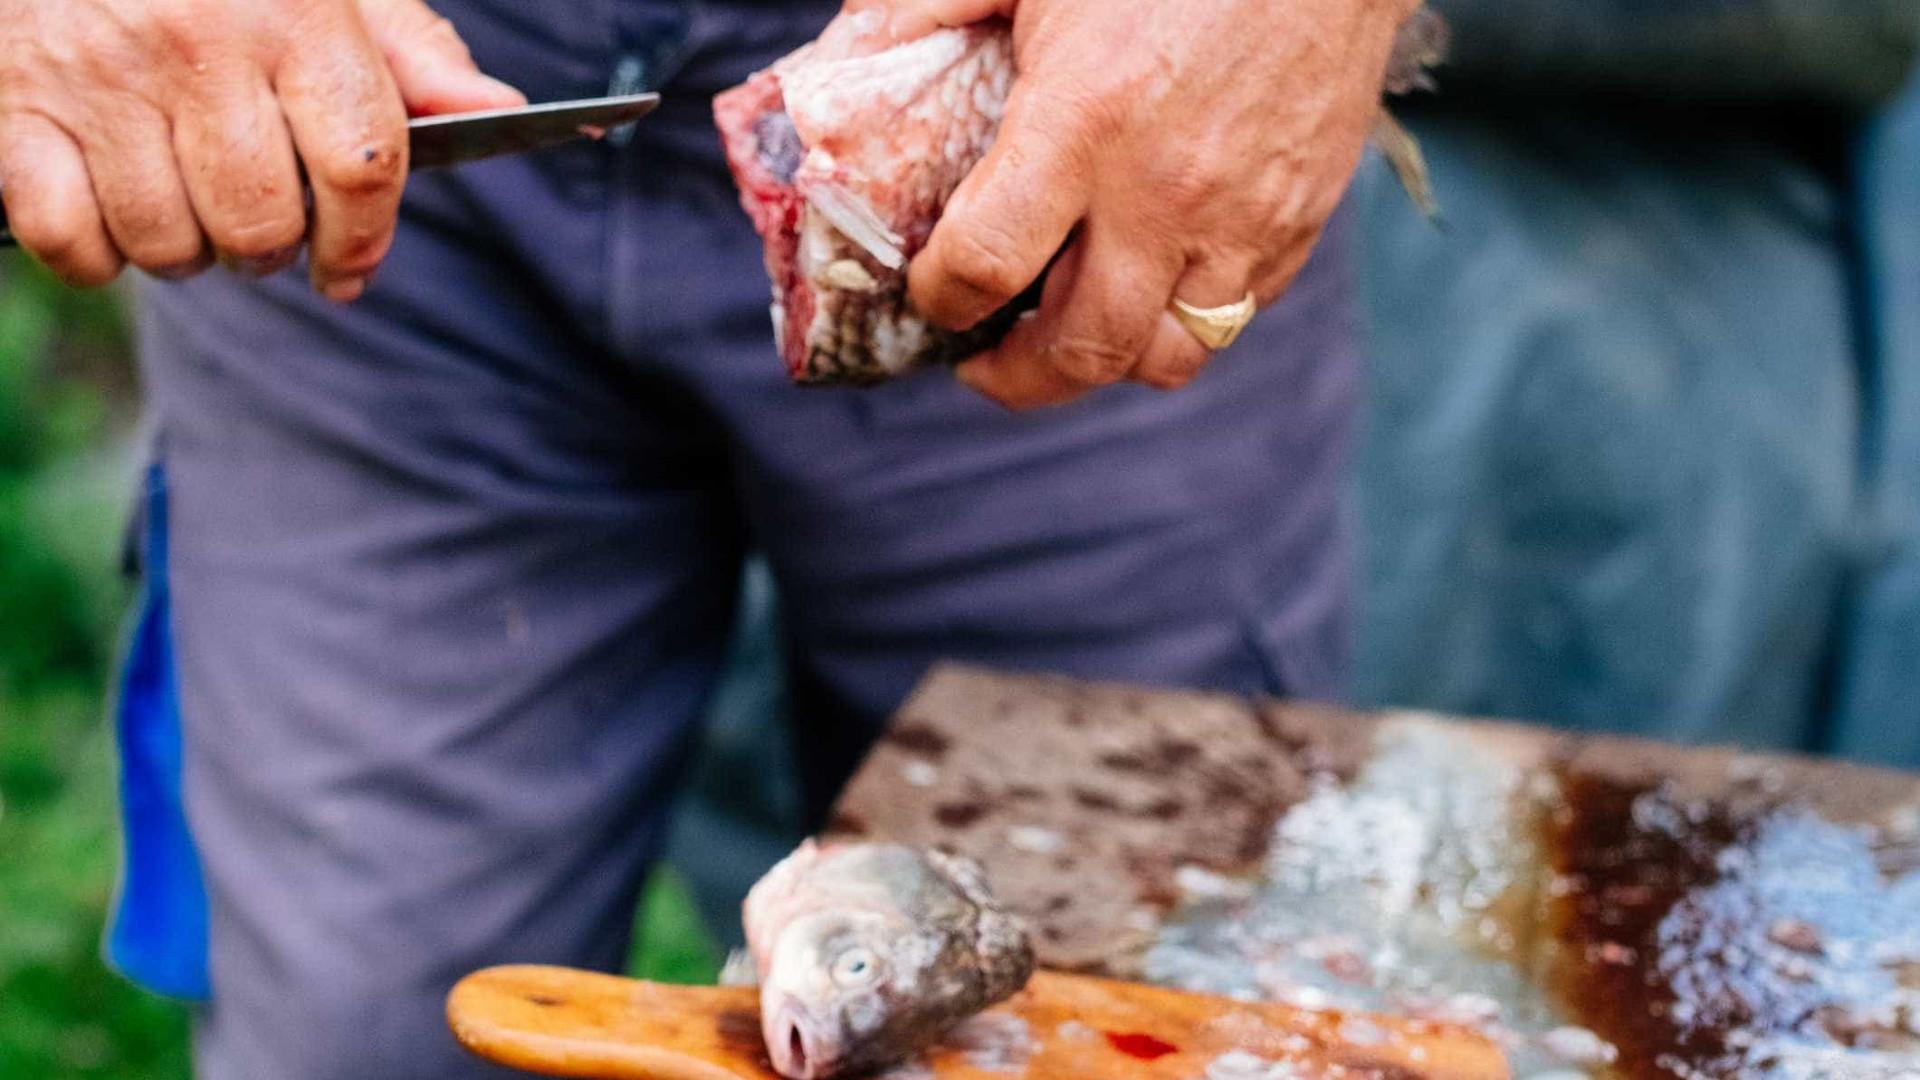 Pescador encontra tênia gigante dentro de peixe nos EUA